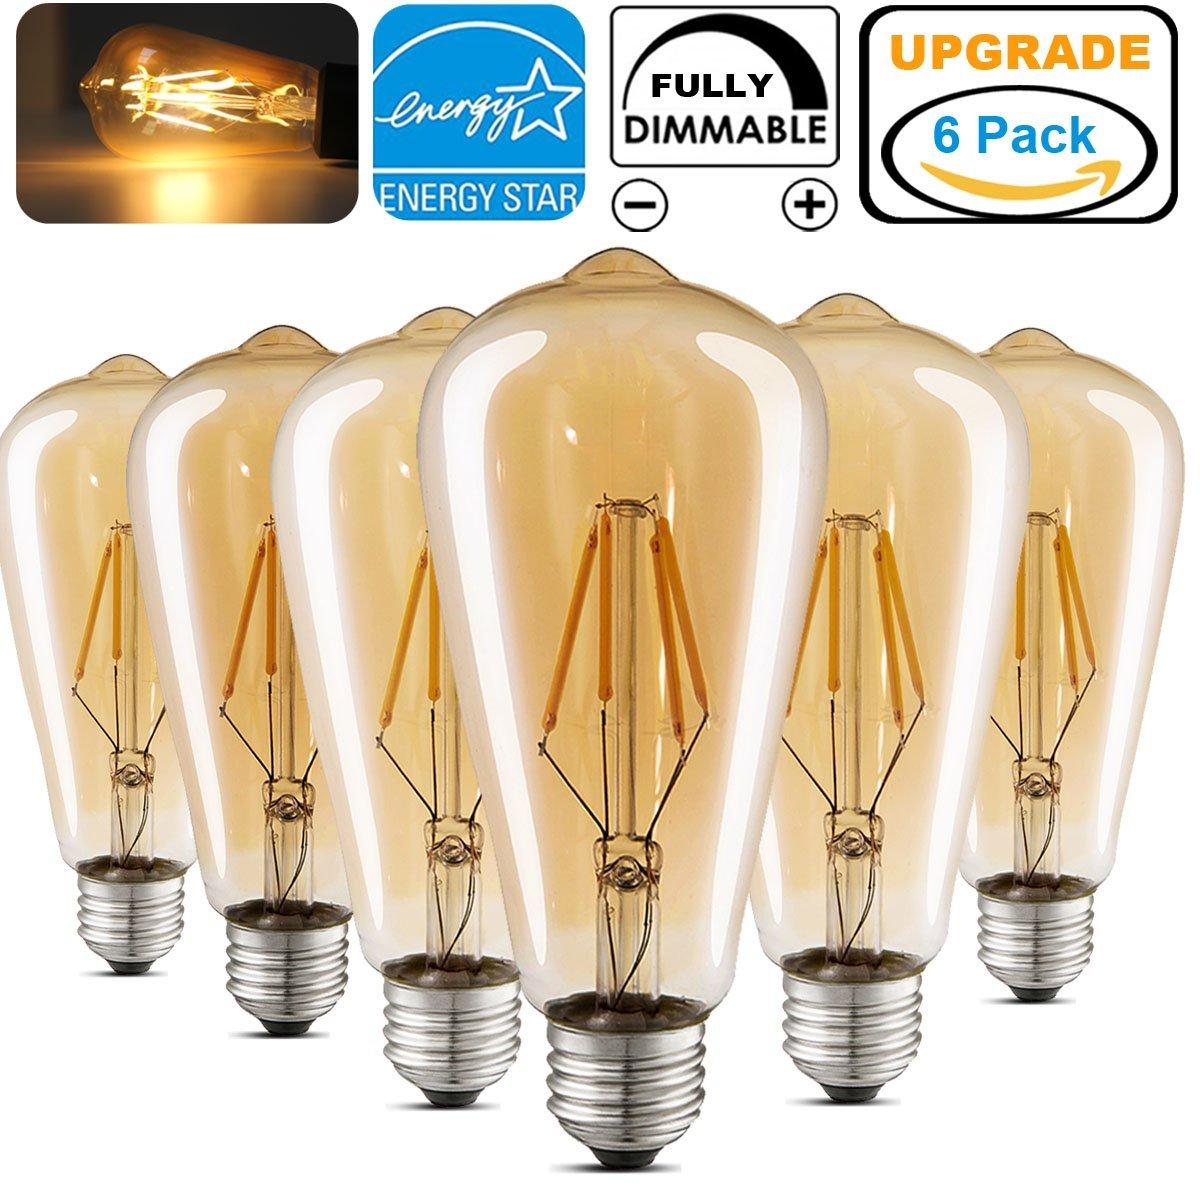 LED Edison Light Bulb 4W E26 Warm White 2700K - 6 Pack + FS (Prime) $18